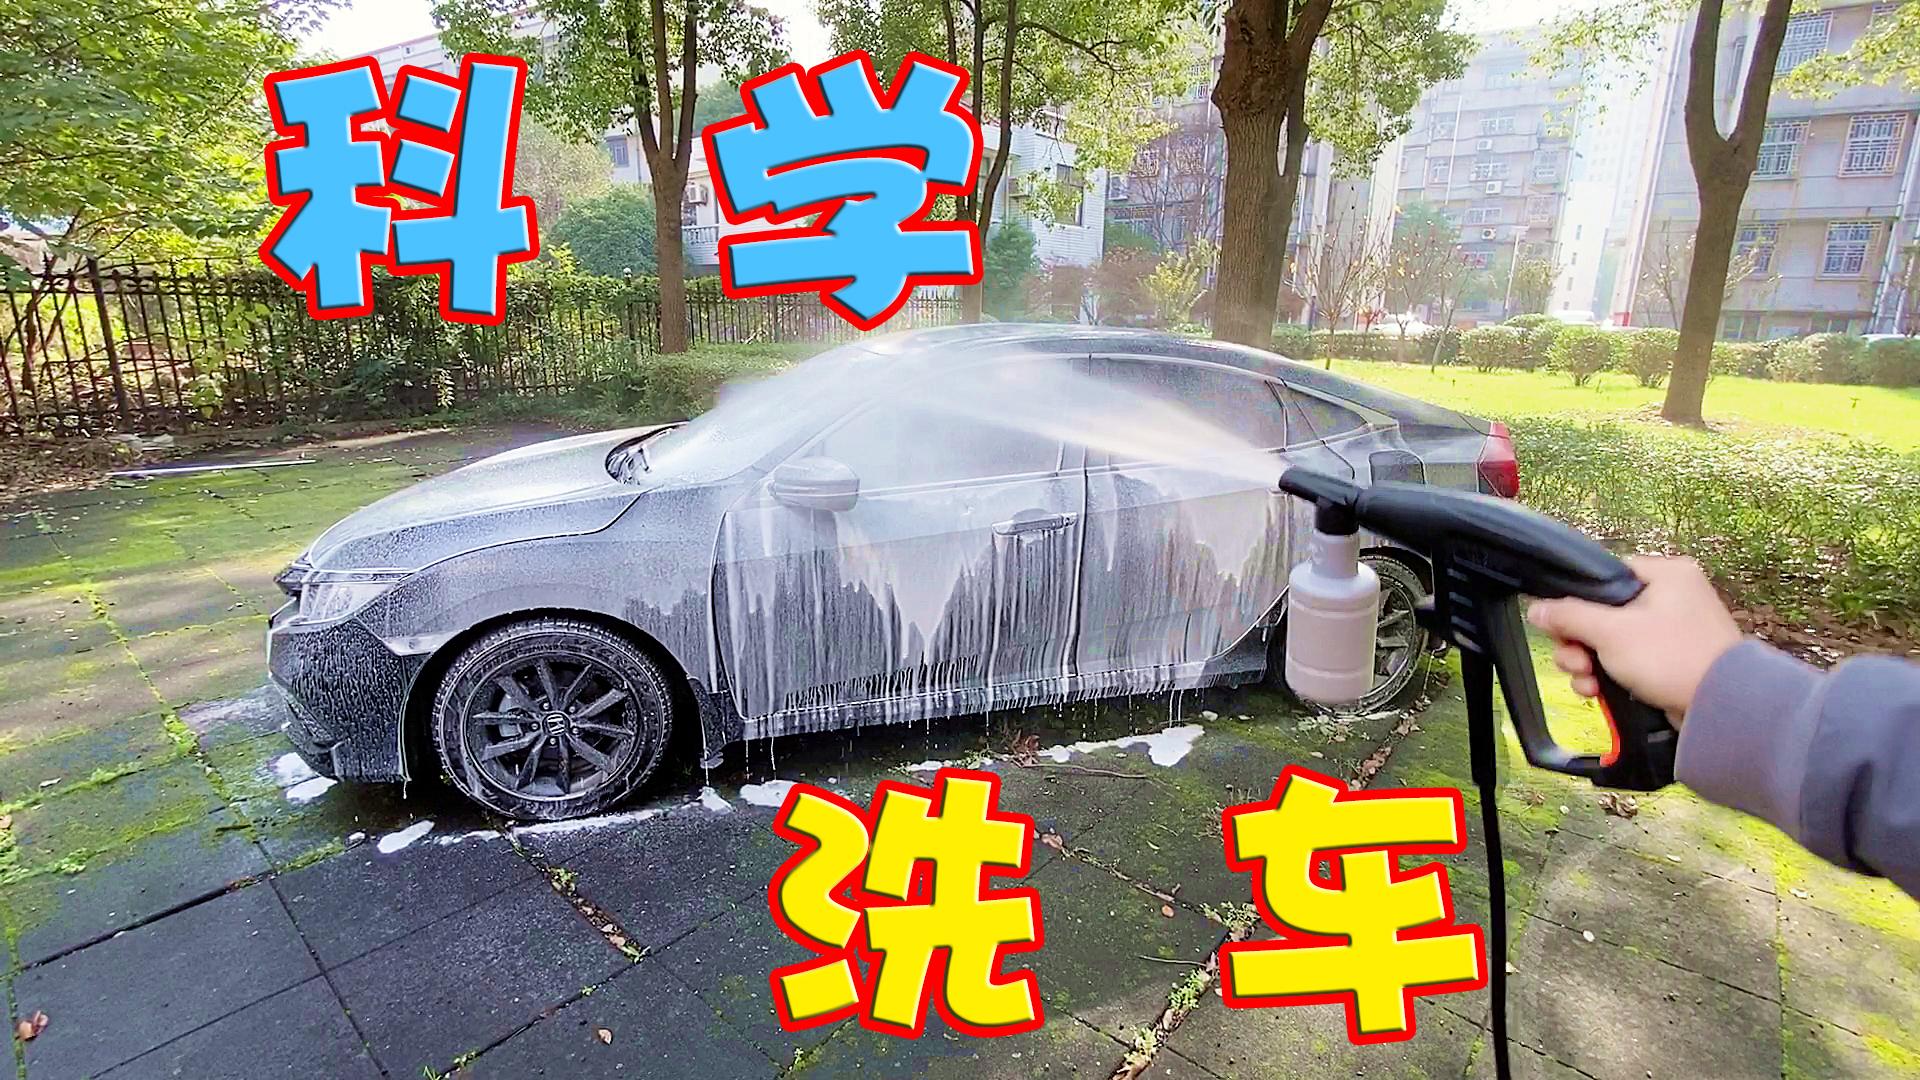 【撸车师兄】车漆越来越暗淡?多半是洗车不规范导致,自己动手这样洗才对